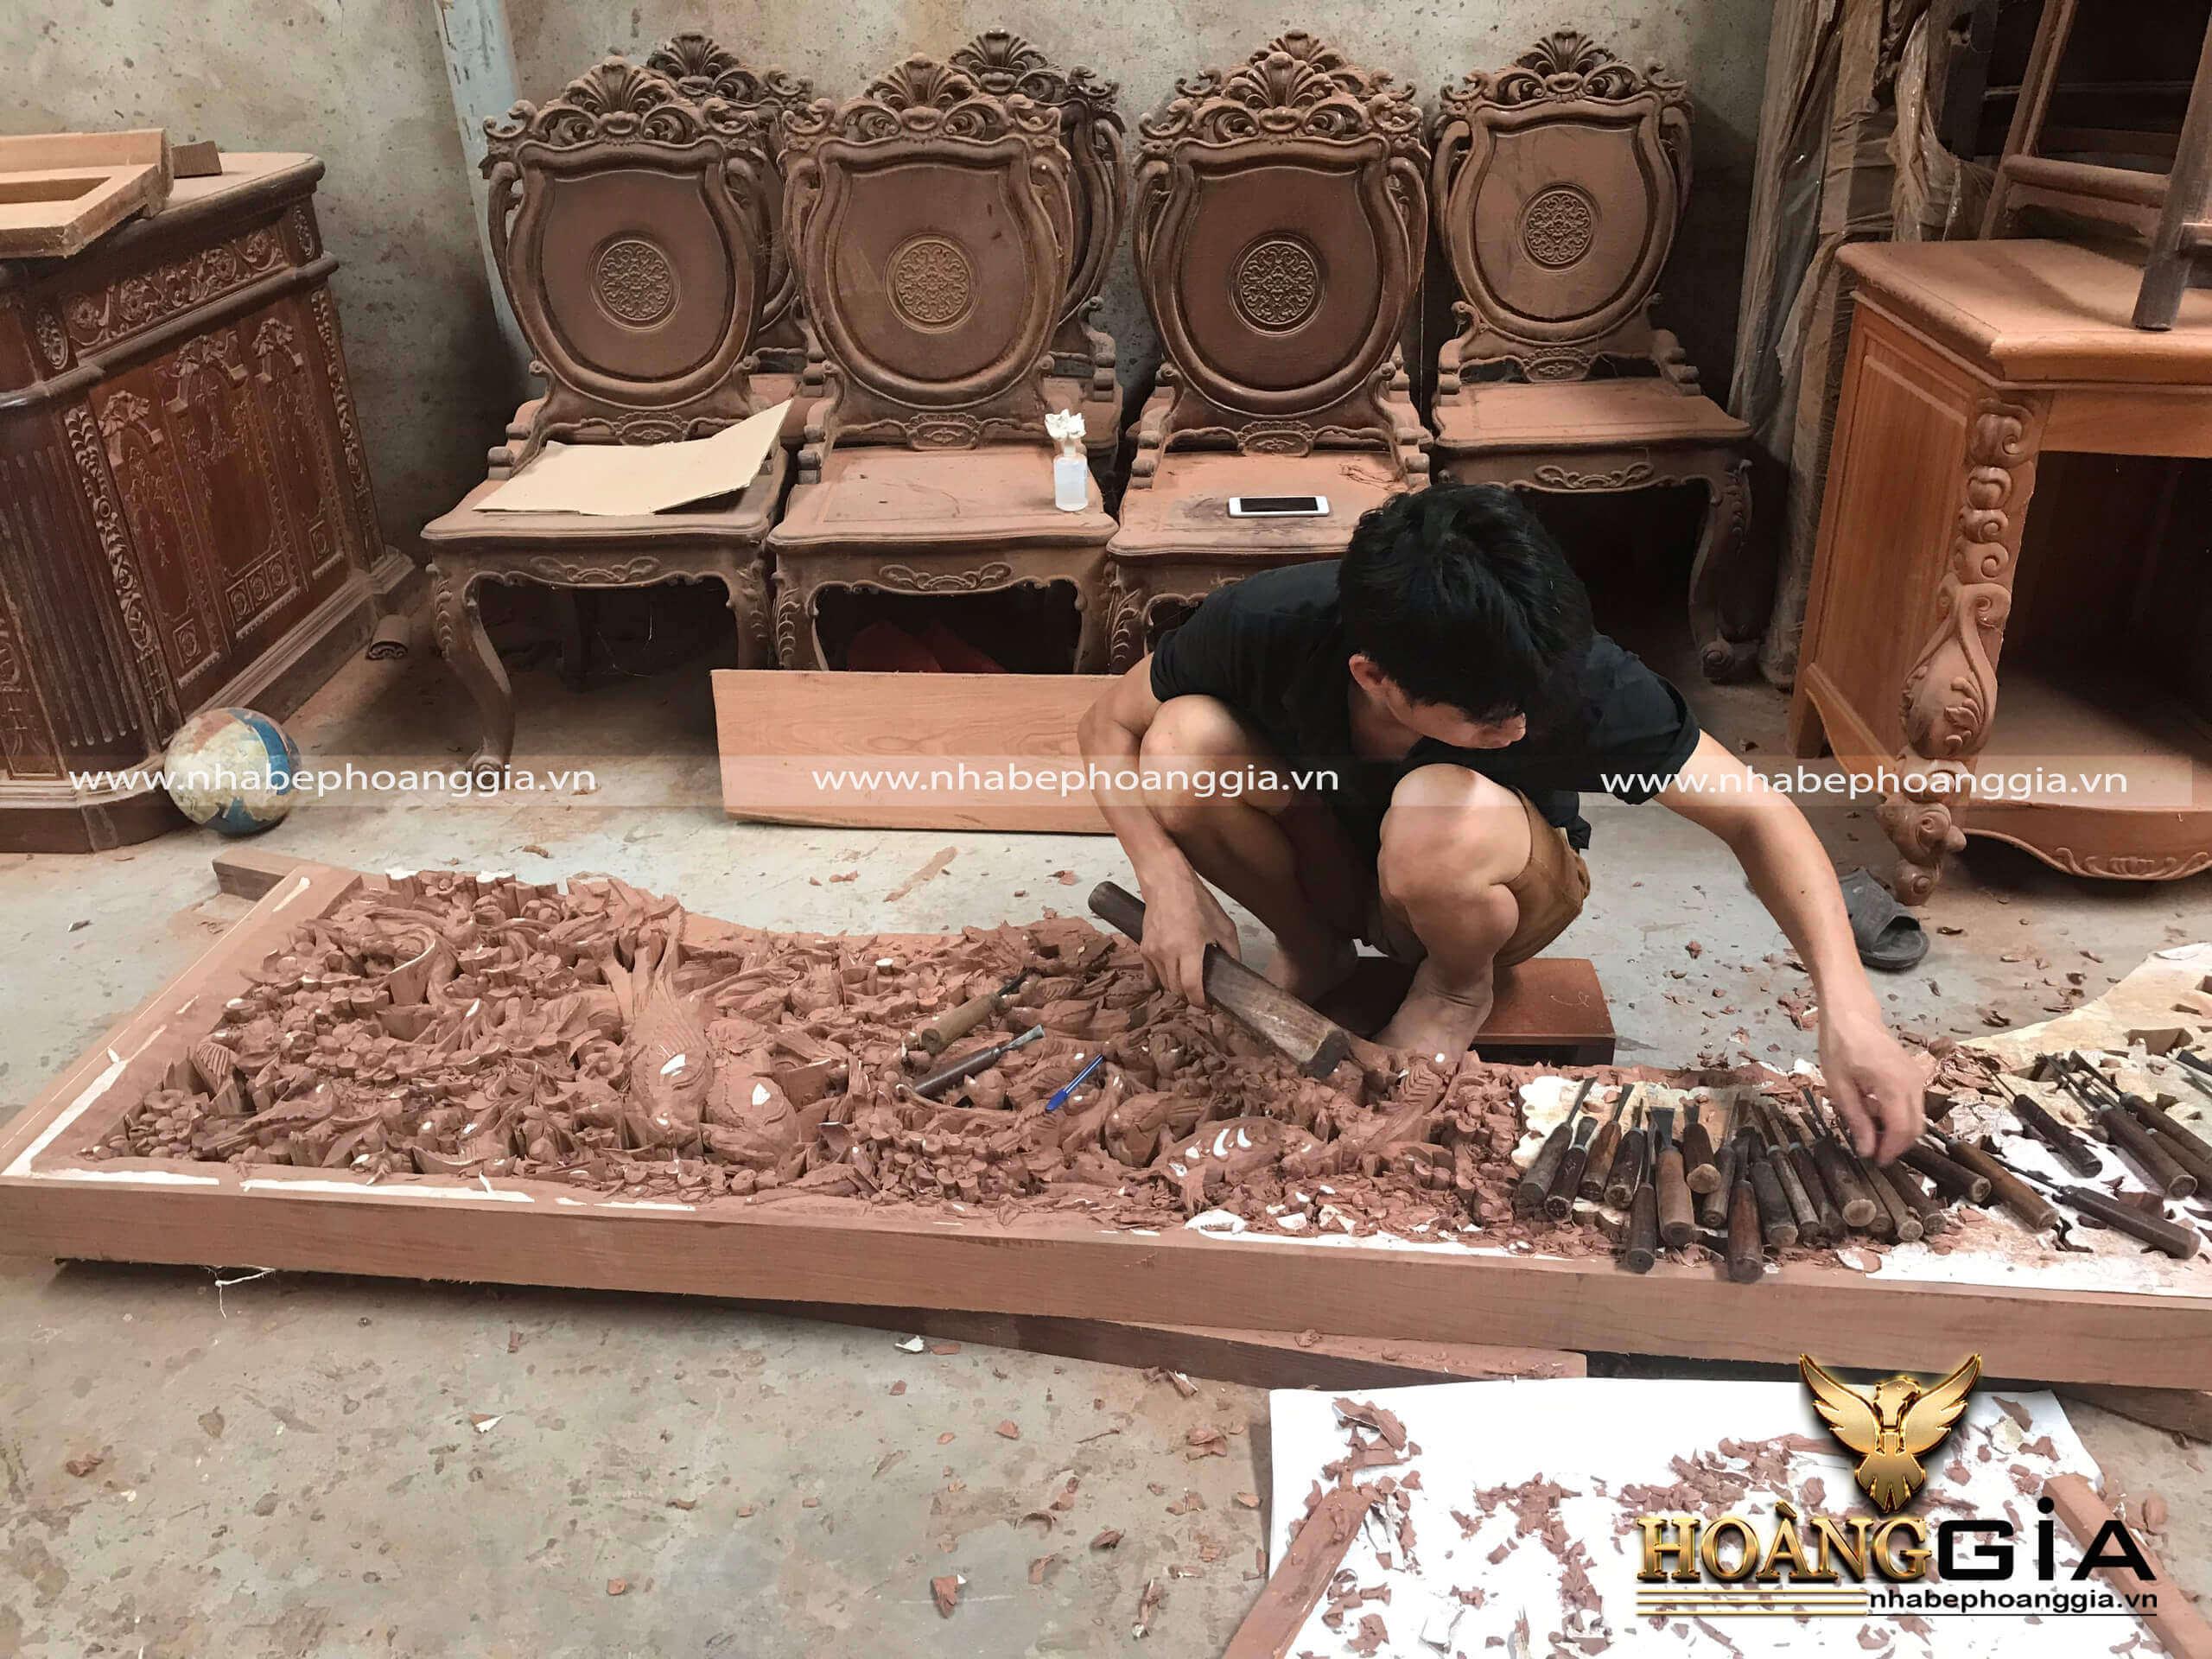 thi công nội thất gỗ